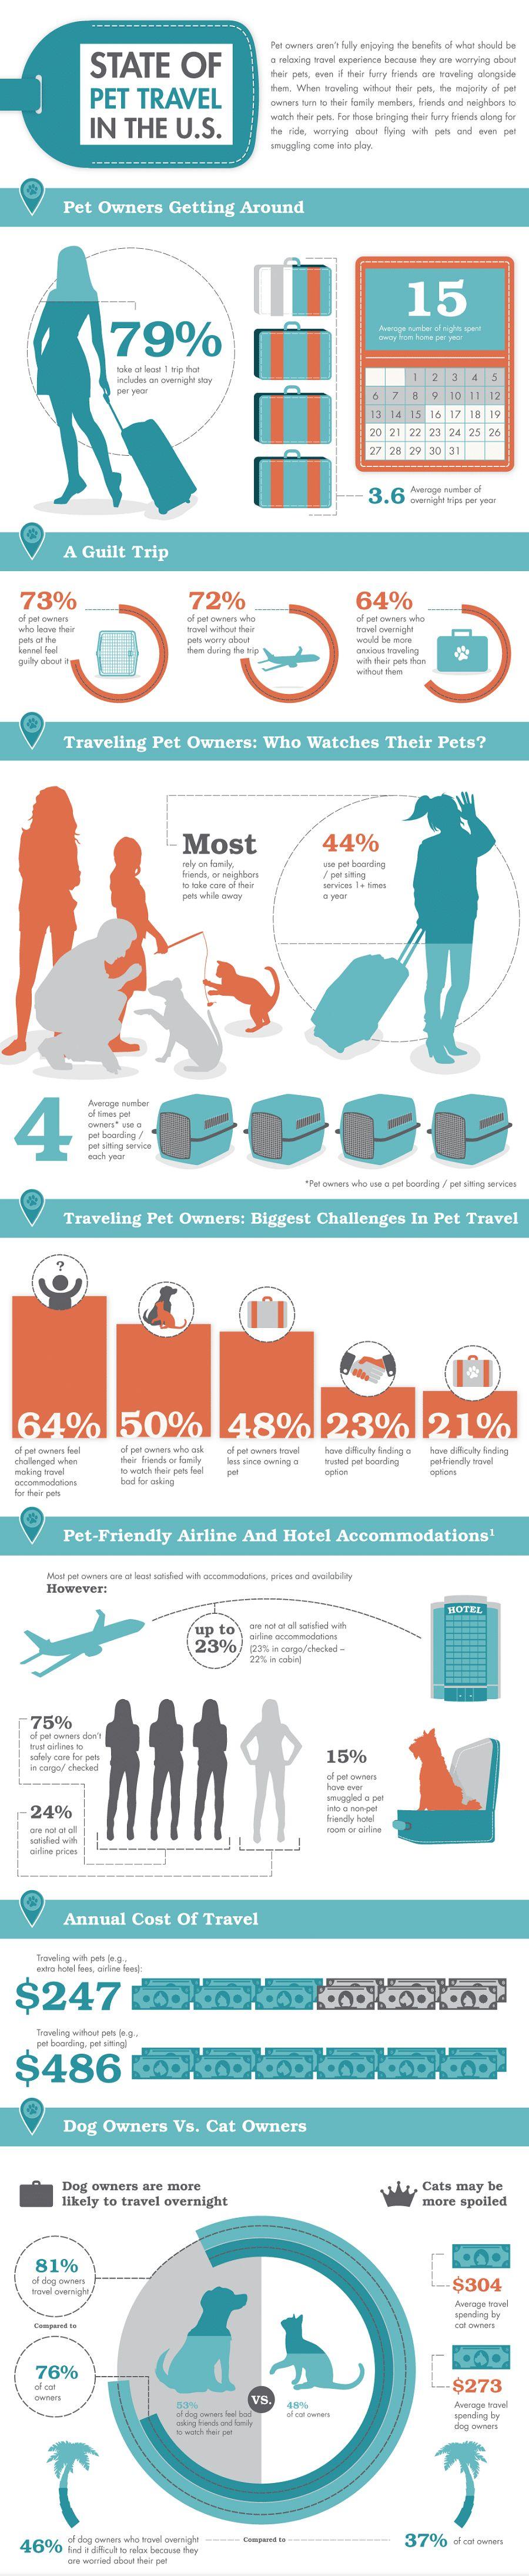 Los perros en los aviones: toma vuelo fido